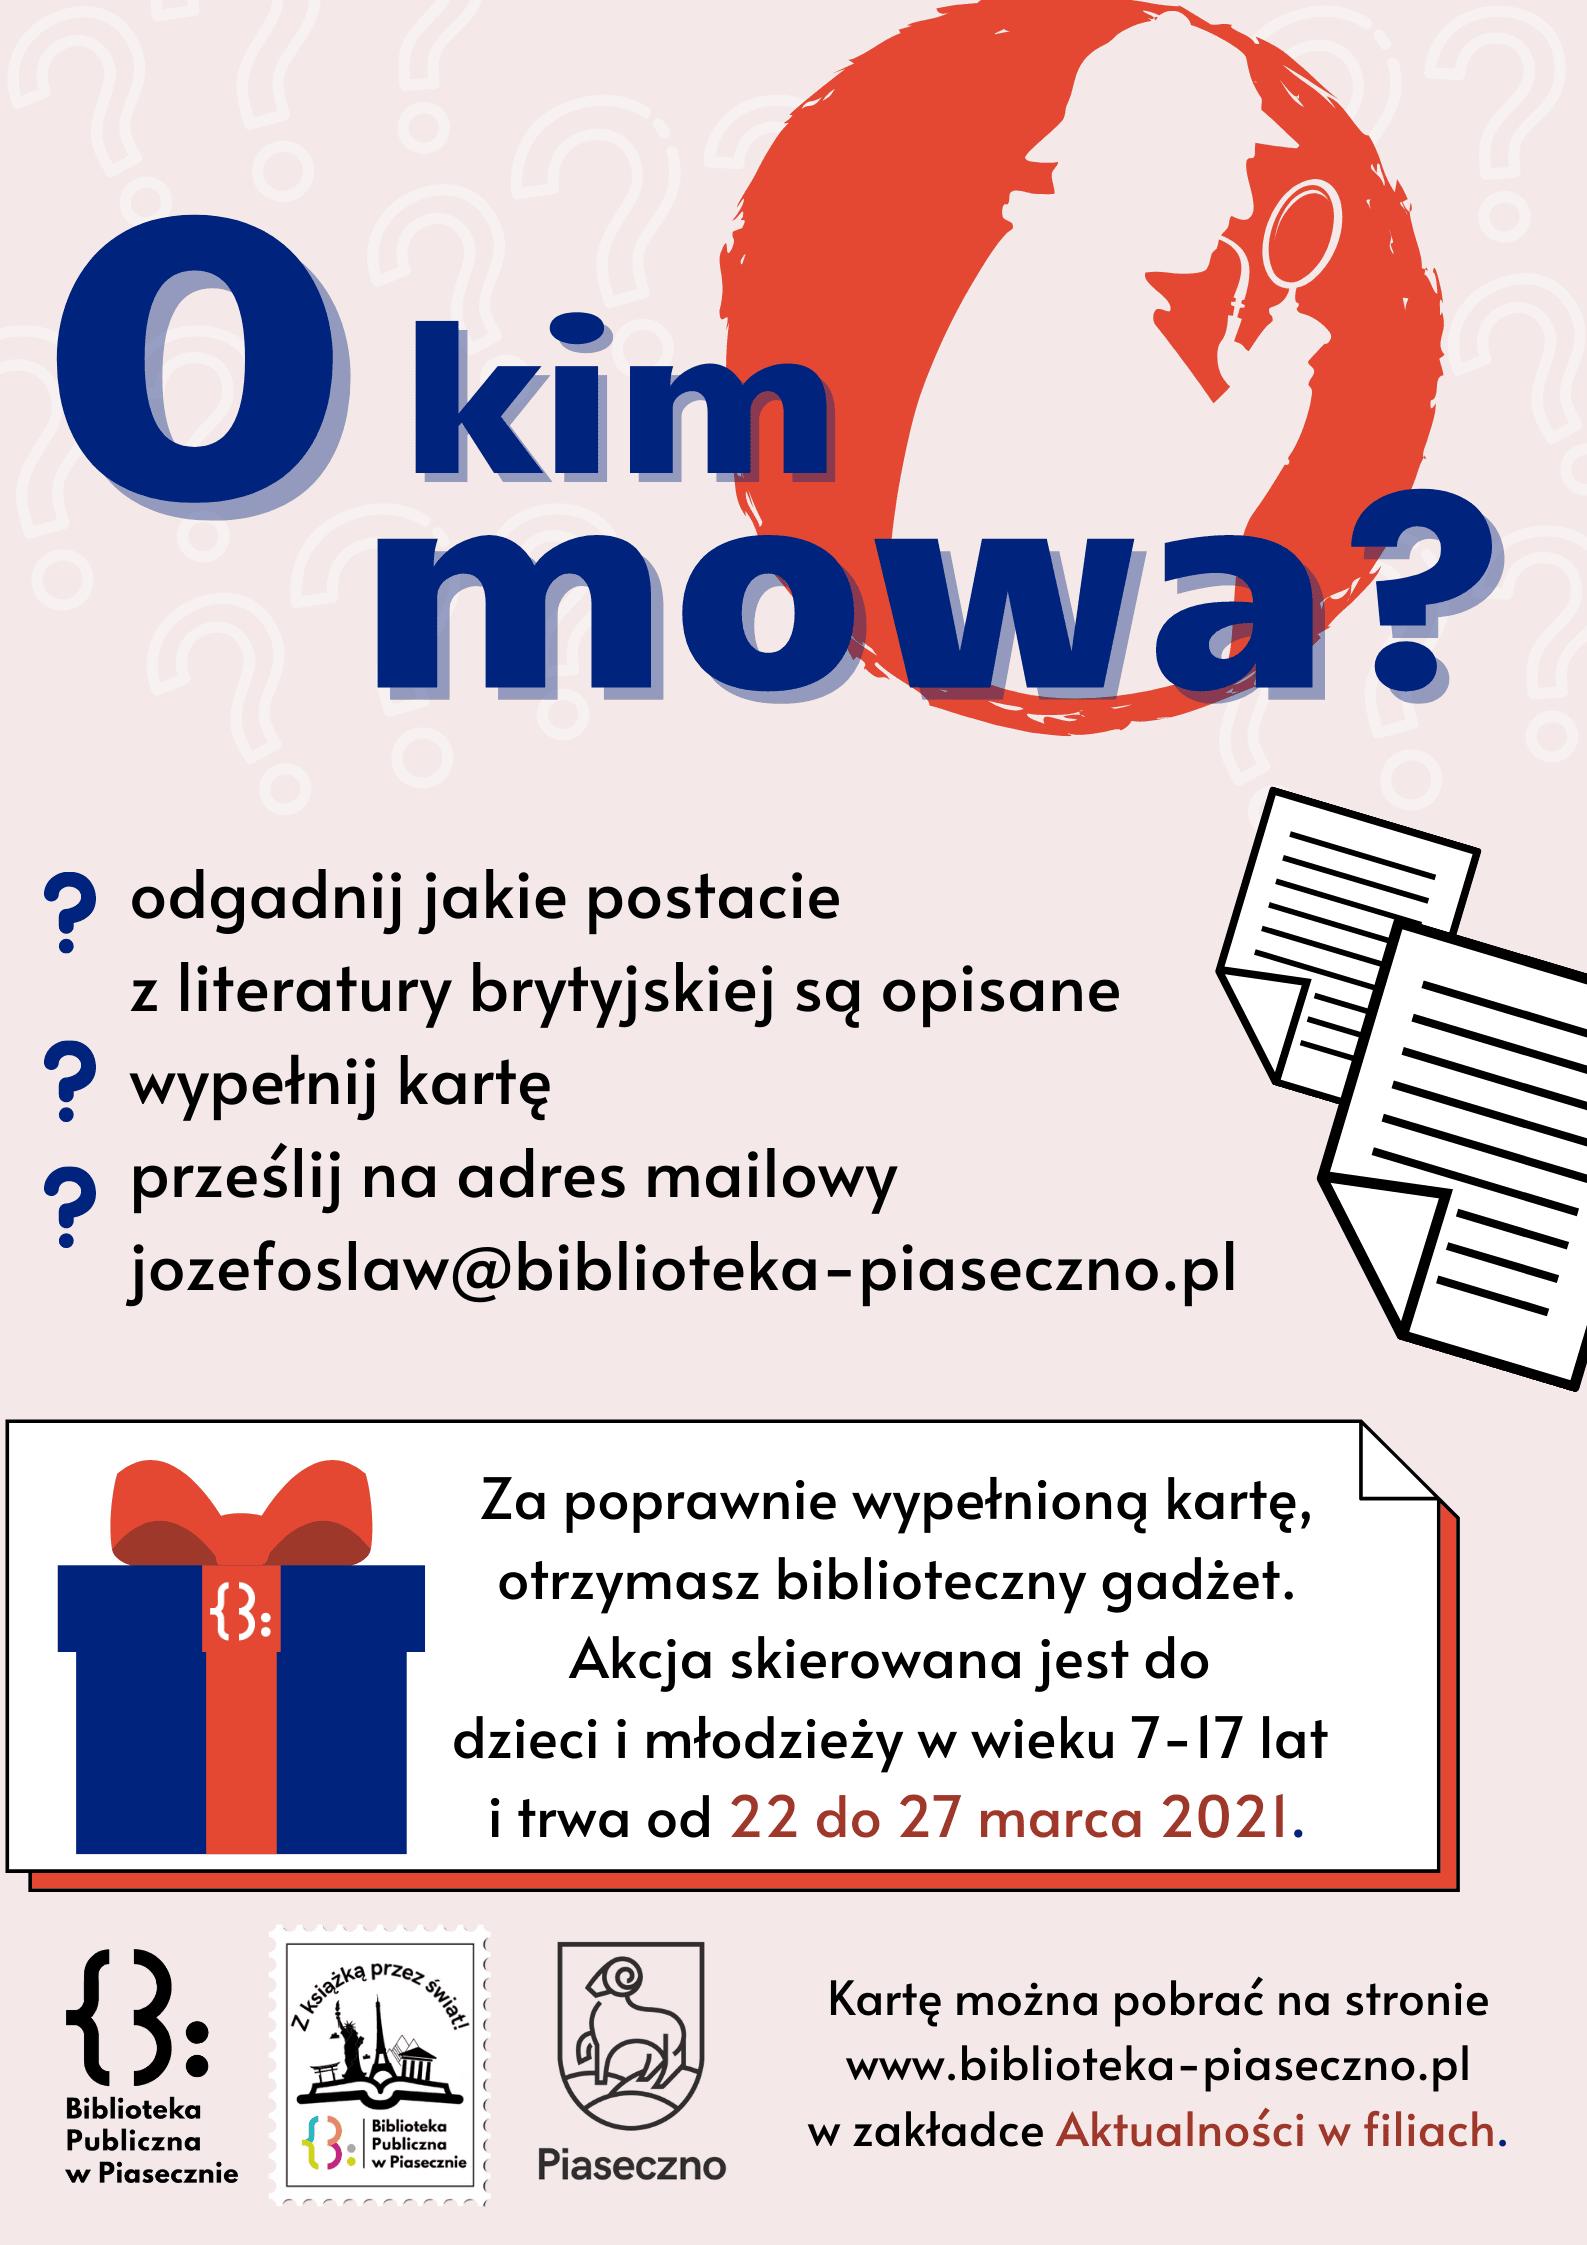 Plakat promujący grę O kim mowa